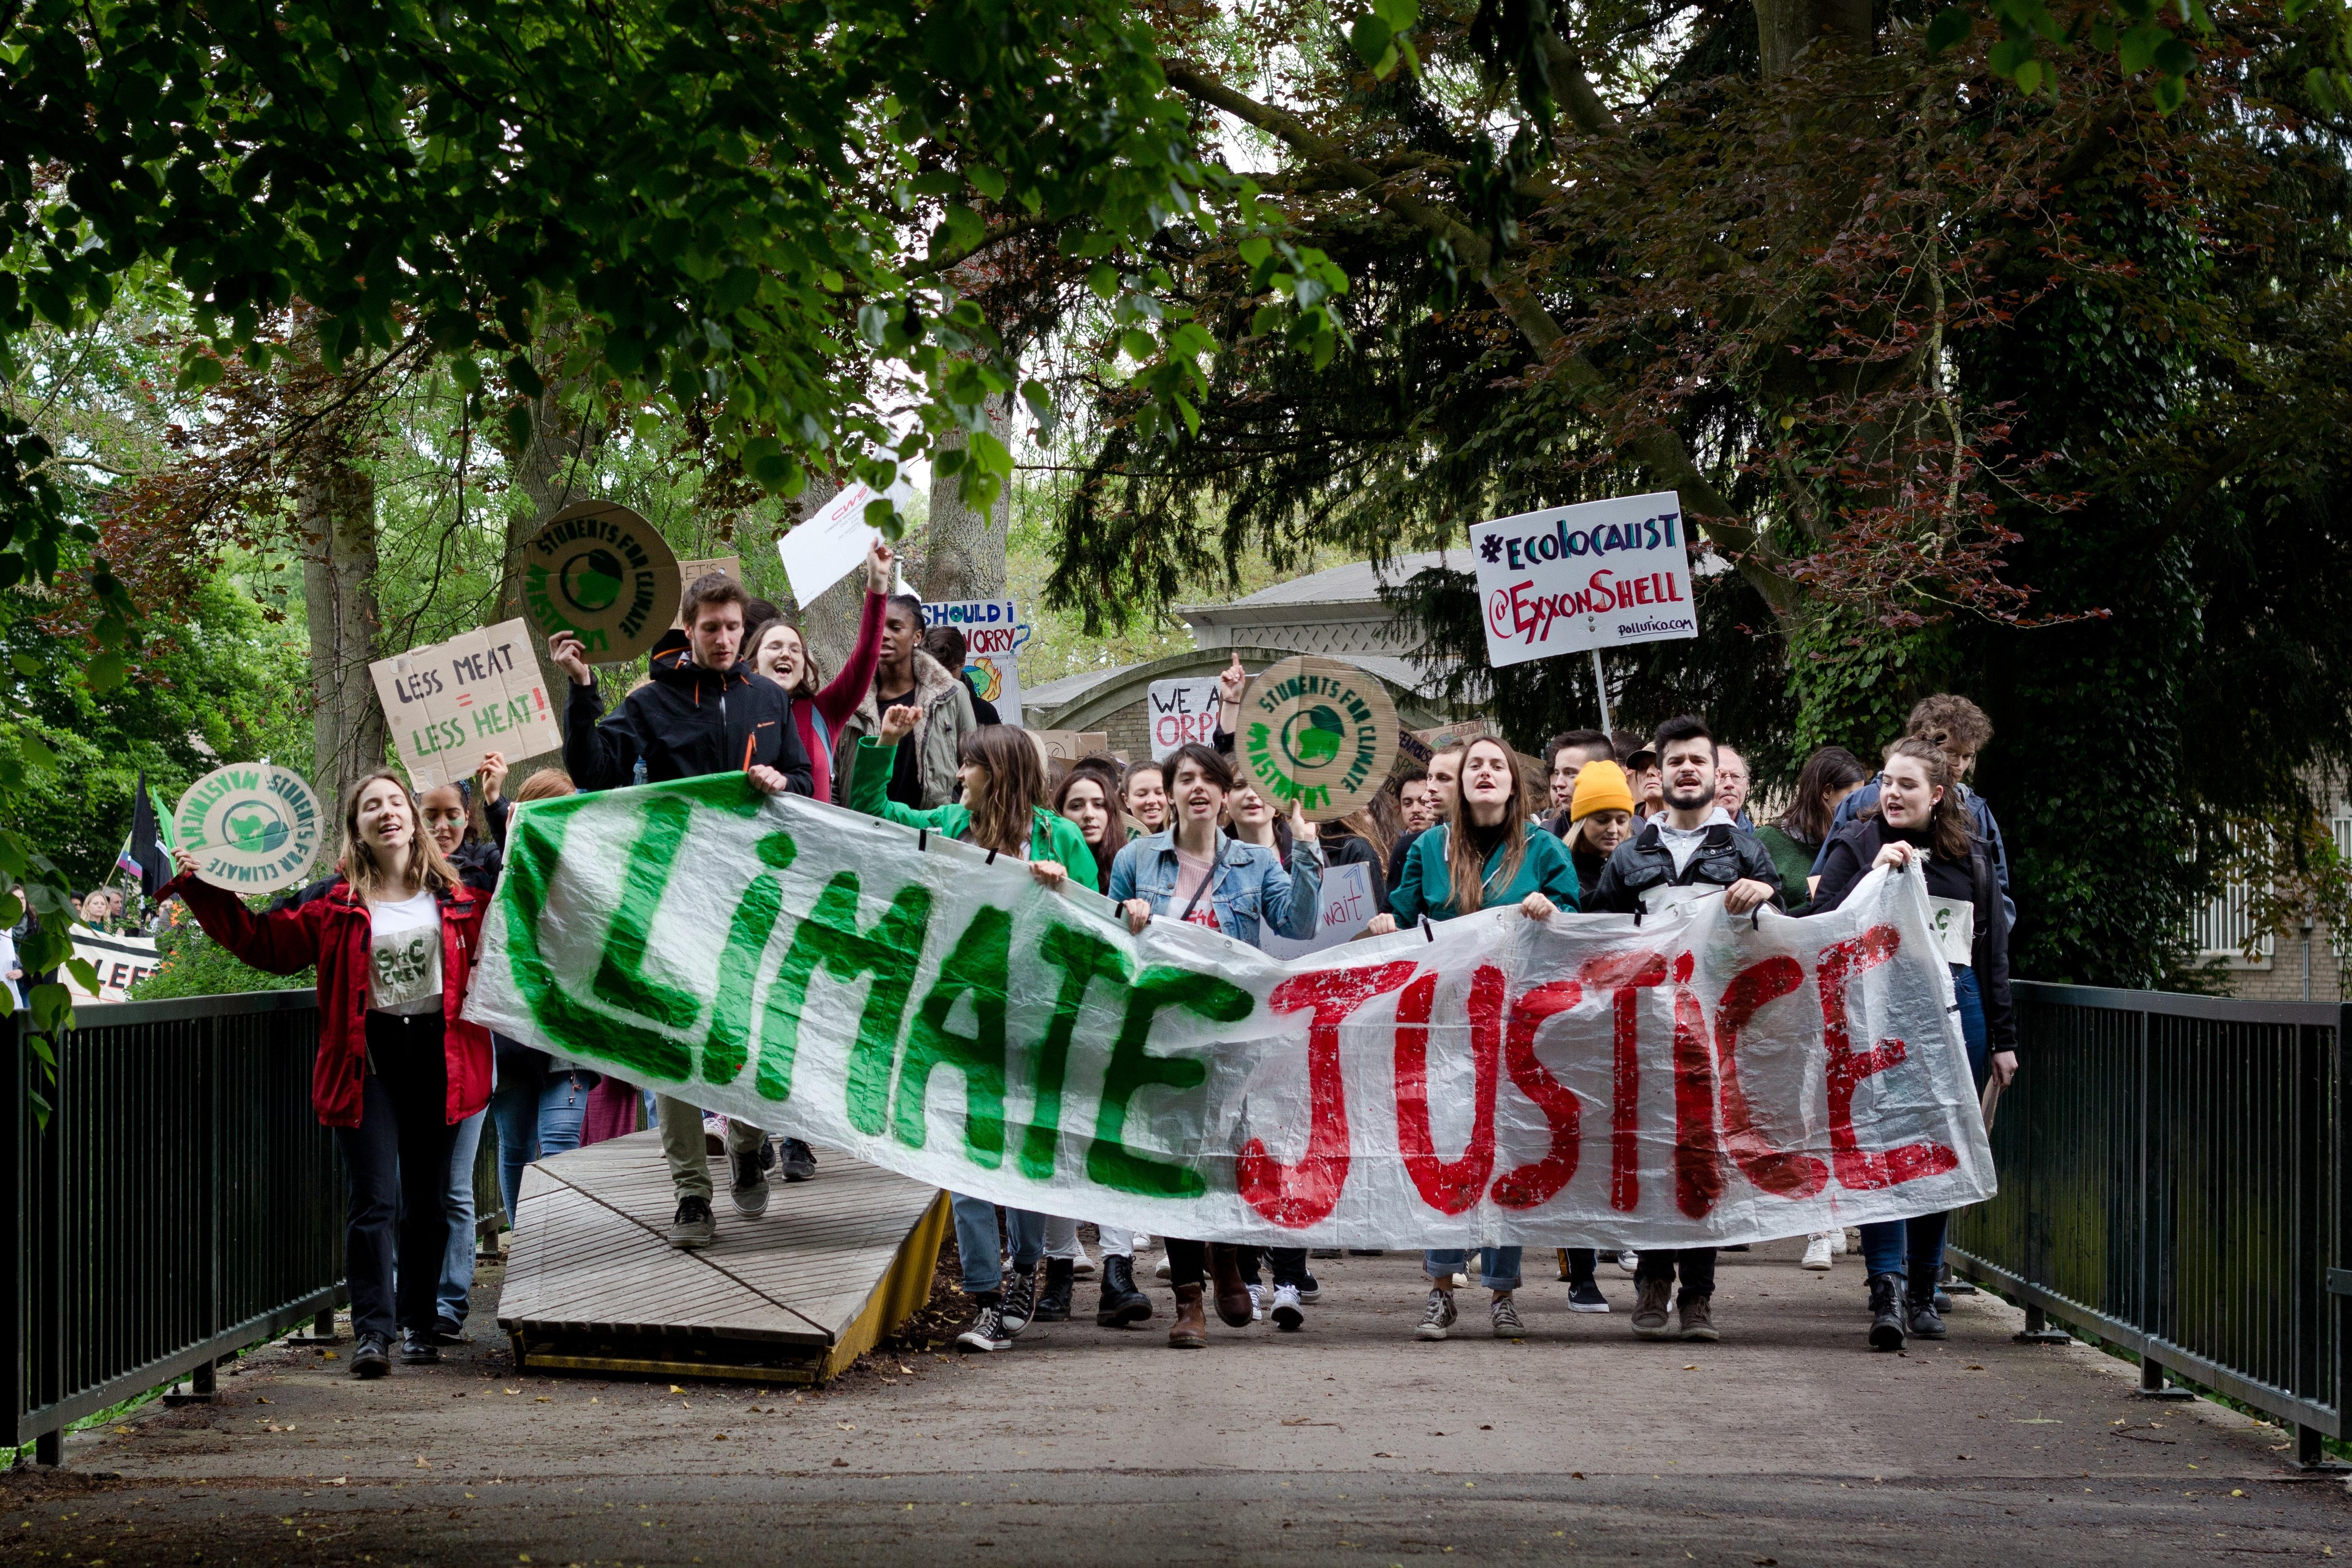 UK Climate change